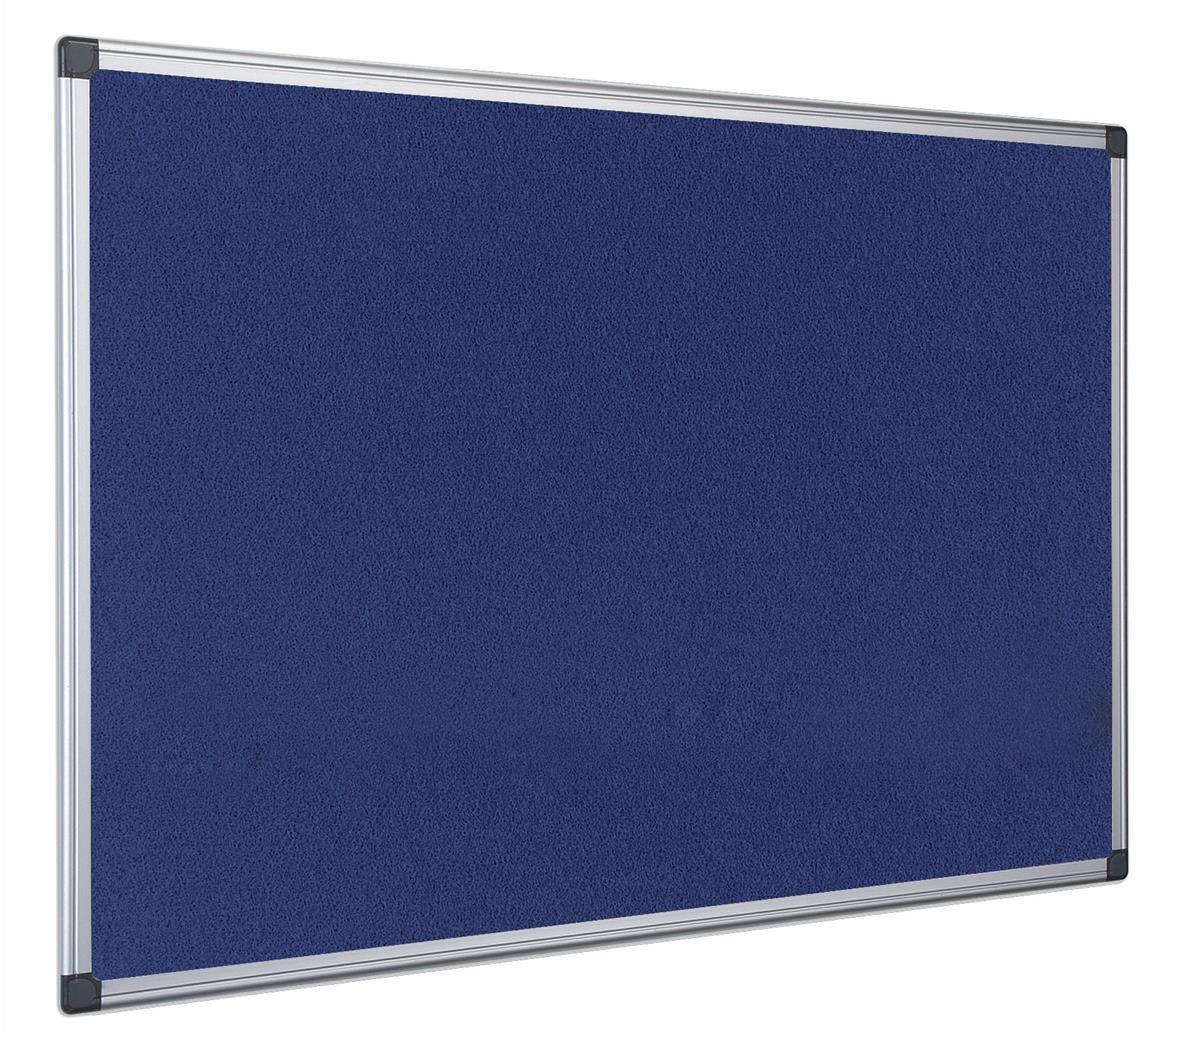 Bi-Office Earth-It Felt Notice Board 900x600mm Code FA0343790